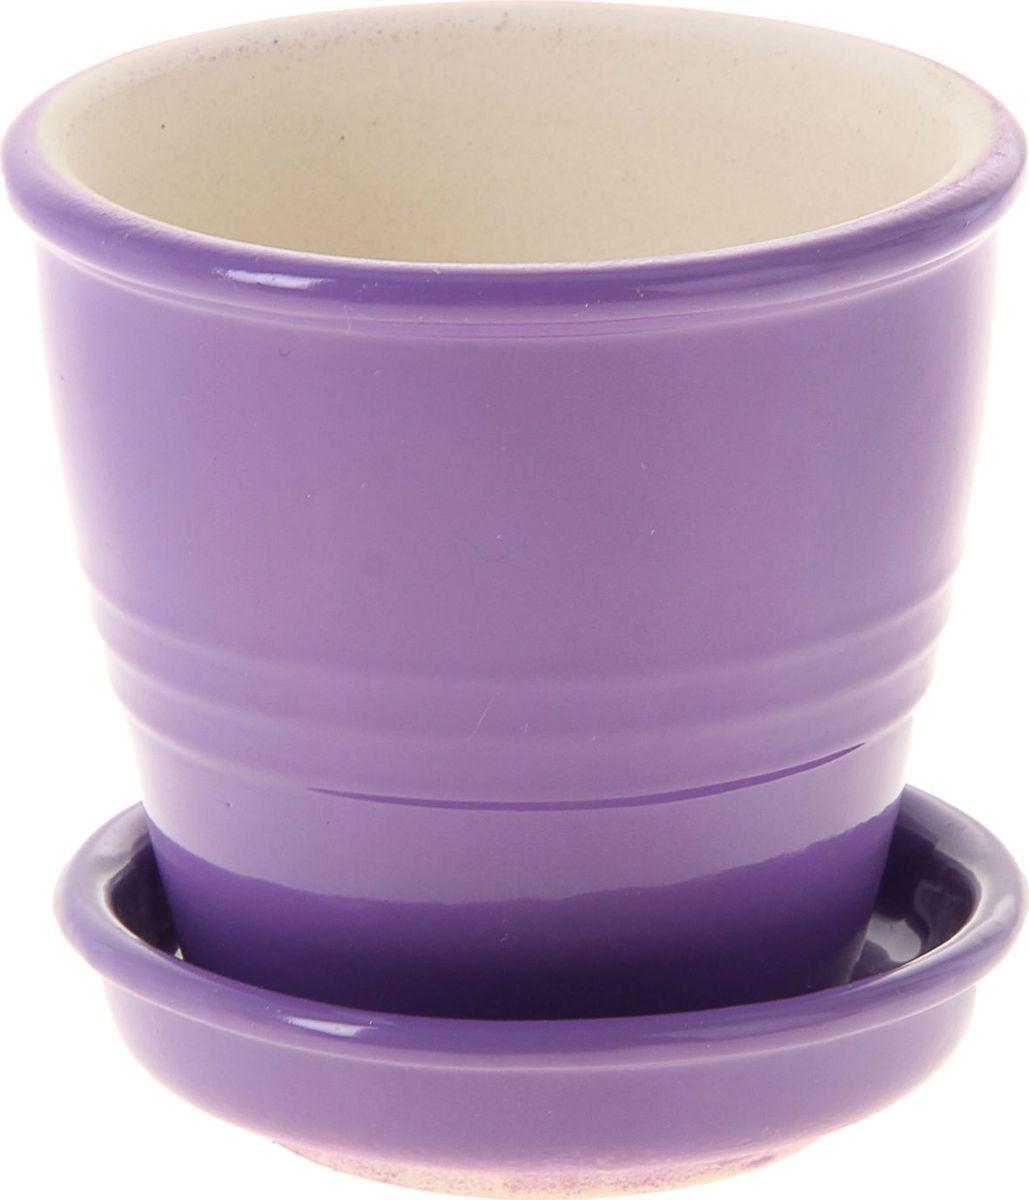 Кашпо Керамика ручной работы Классик, цвет: сиреневый, 0,23 л1019385Декоративное кашпо, выполненное из высококачественной керамики, предназначено для посадки декоративных растений и станет прекрасным украшением для дома. Пористый материал позволяет испаряться лишней влаге, а воздух, необходимый для дыхания корней, проникает сквозь керамические стенки. Такое кашпо украсит окружающее пространство и подчеркнет его оригинальный стиль.